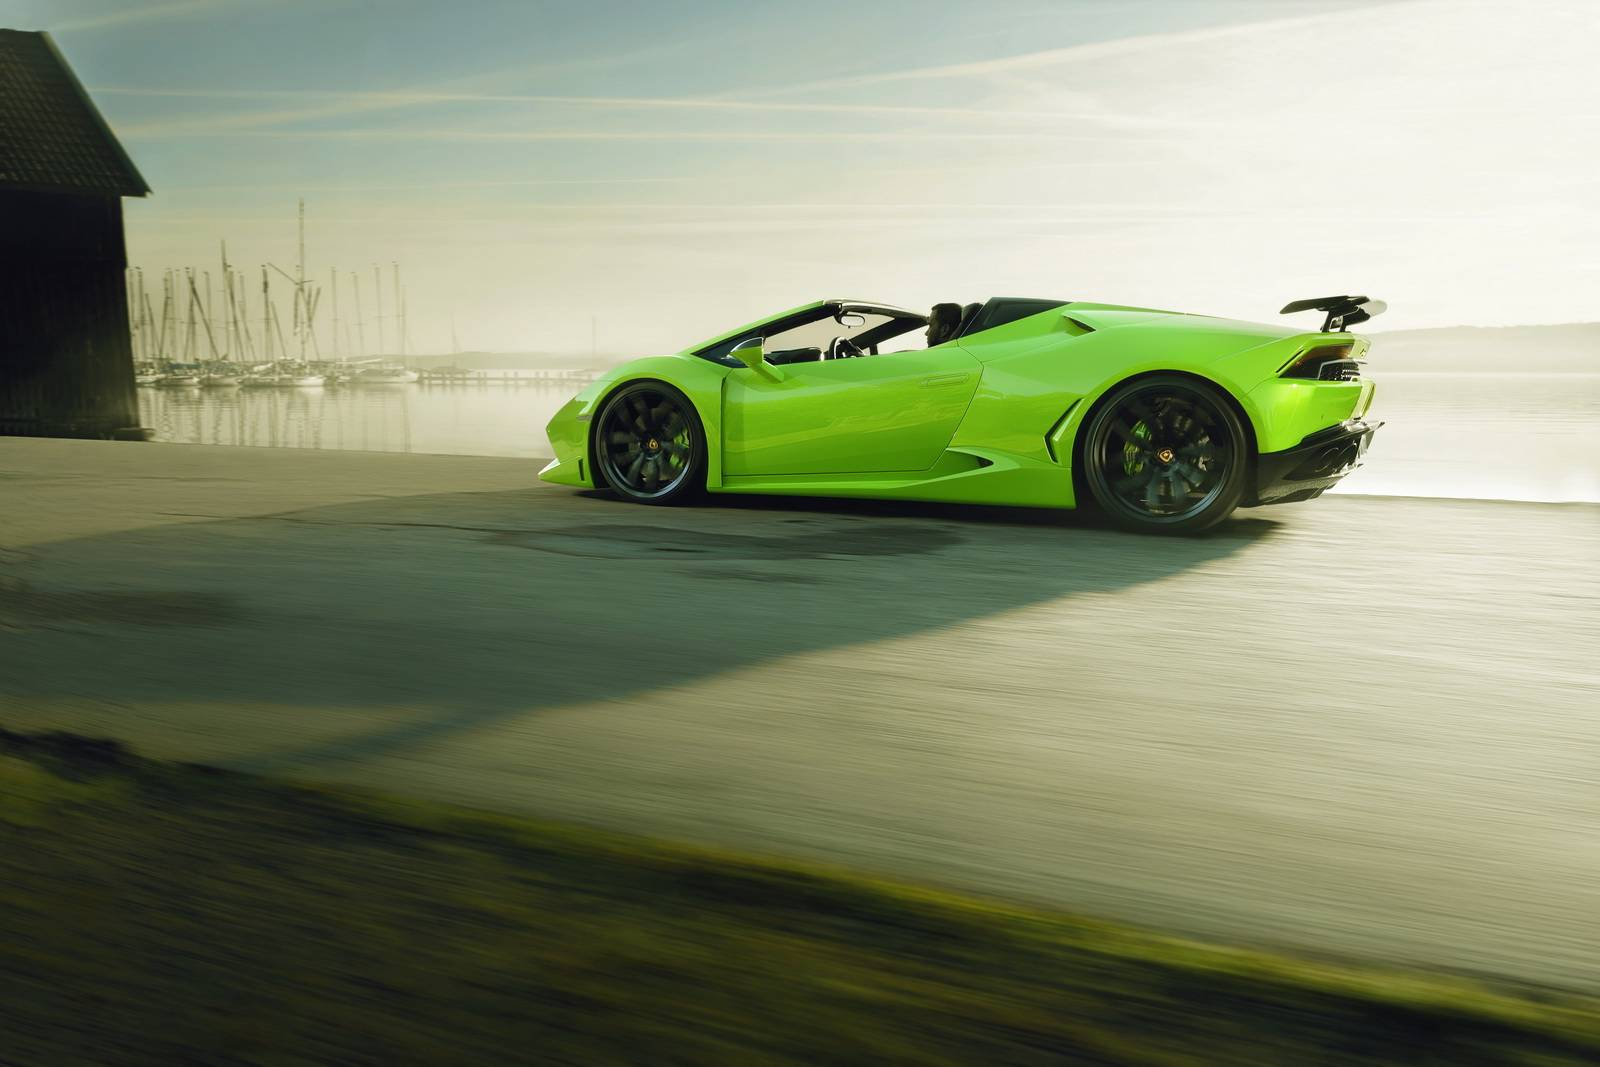 Novitec N-Largo Lamborghini Huracan Spyder официально объявлен со всем драматизмом, который только можно ожидать от немецкого тюнера!